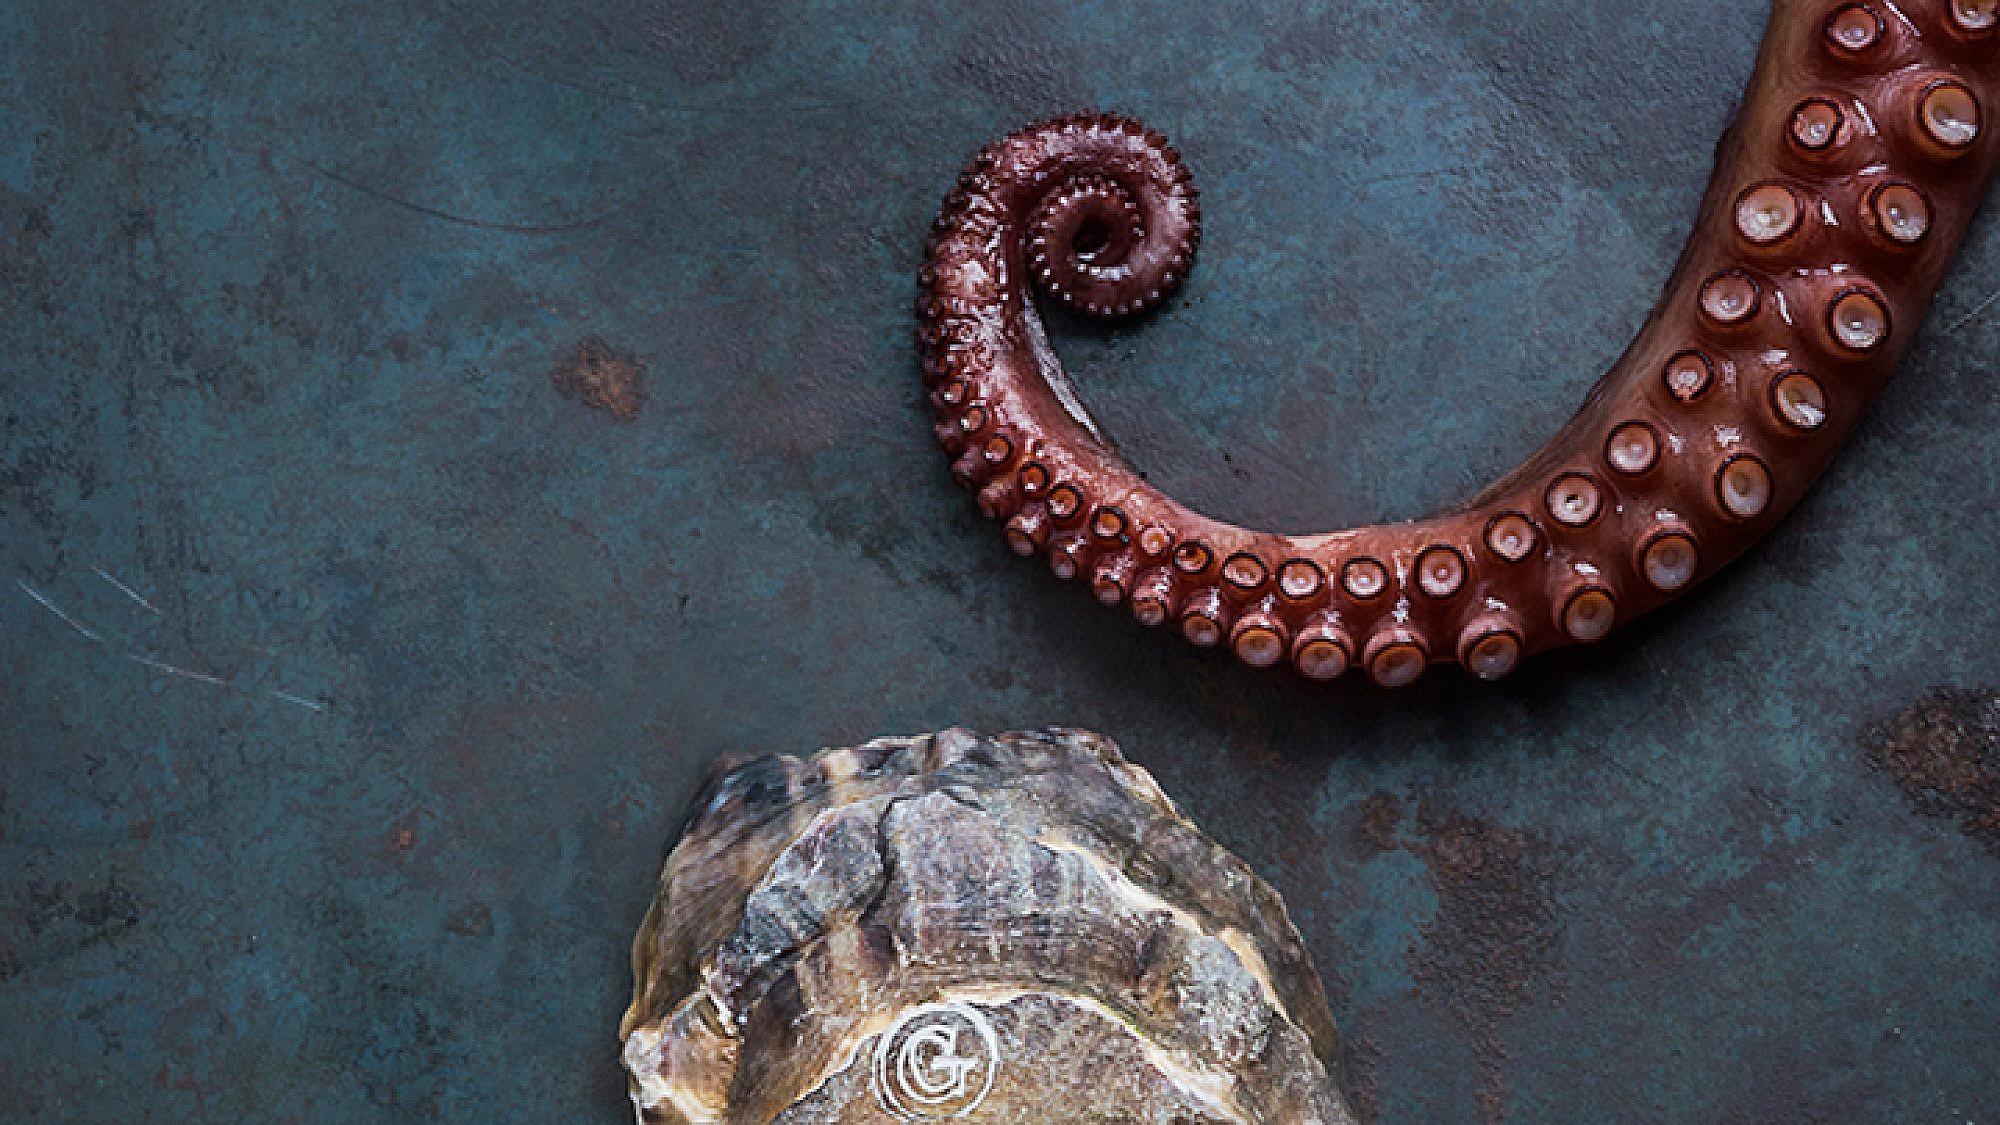 ים של פירות ים | צילום: בן יוסטר